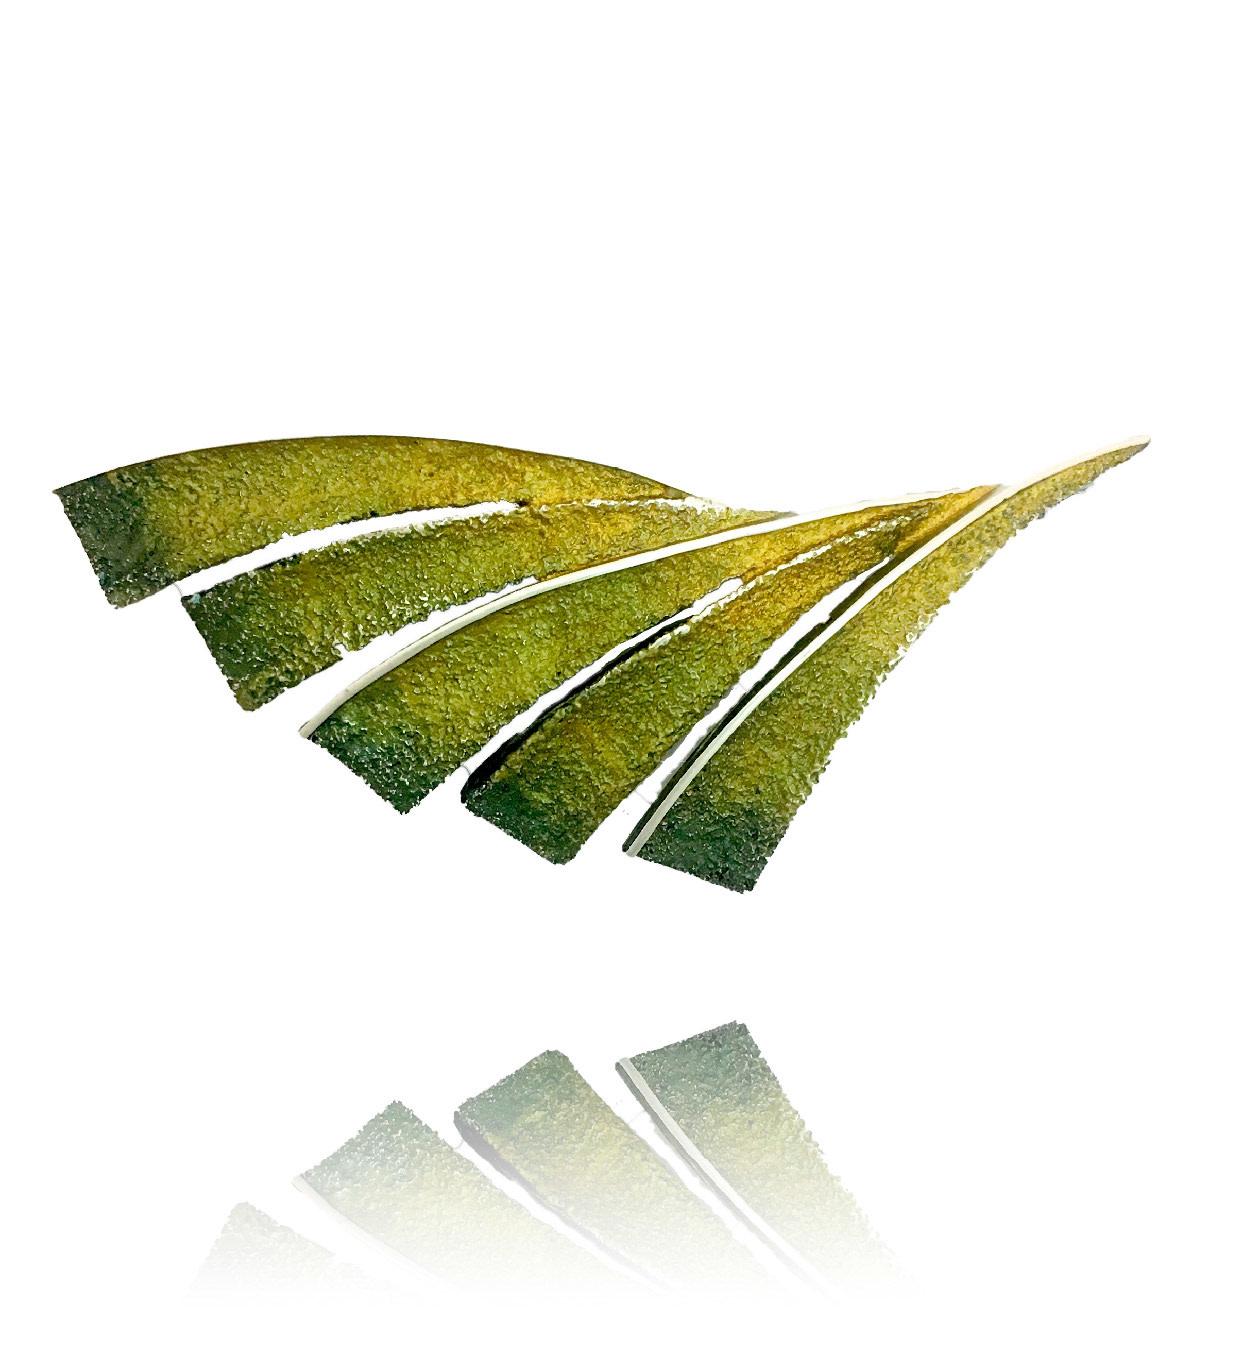 Anell Fenix Verd Liquen-1